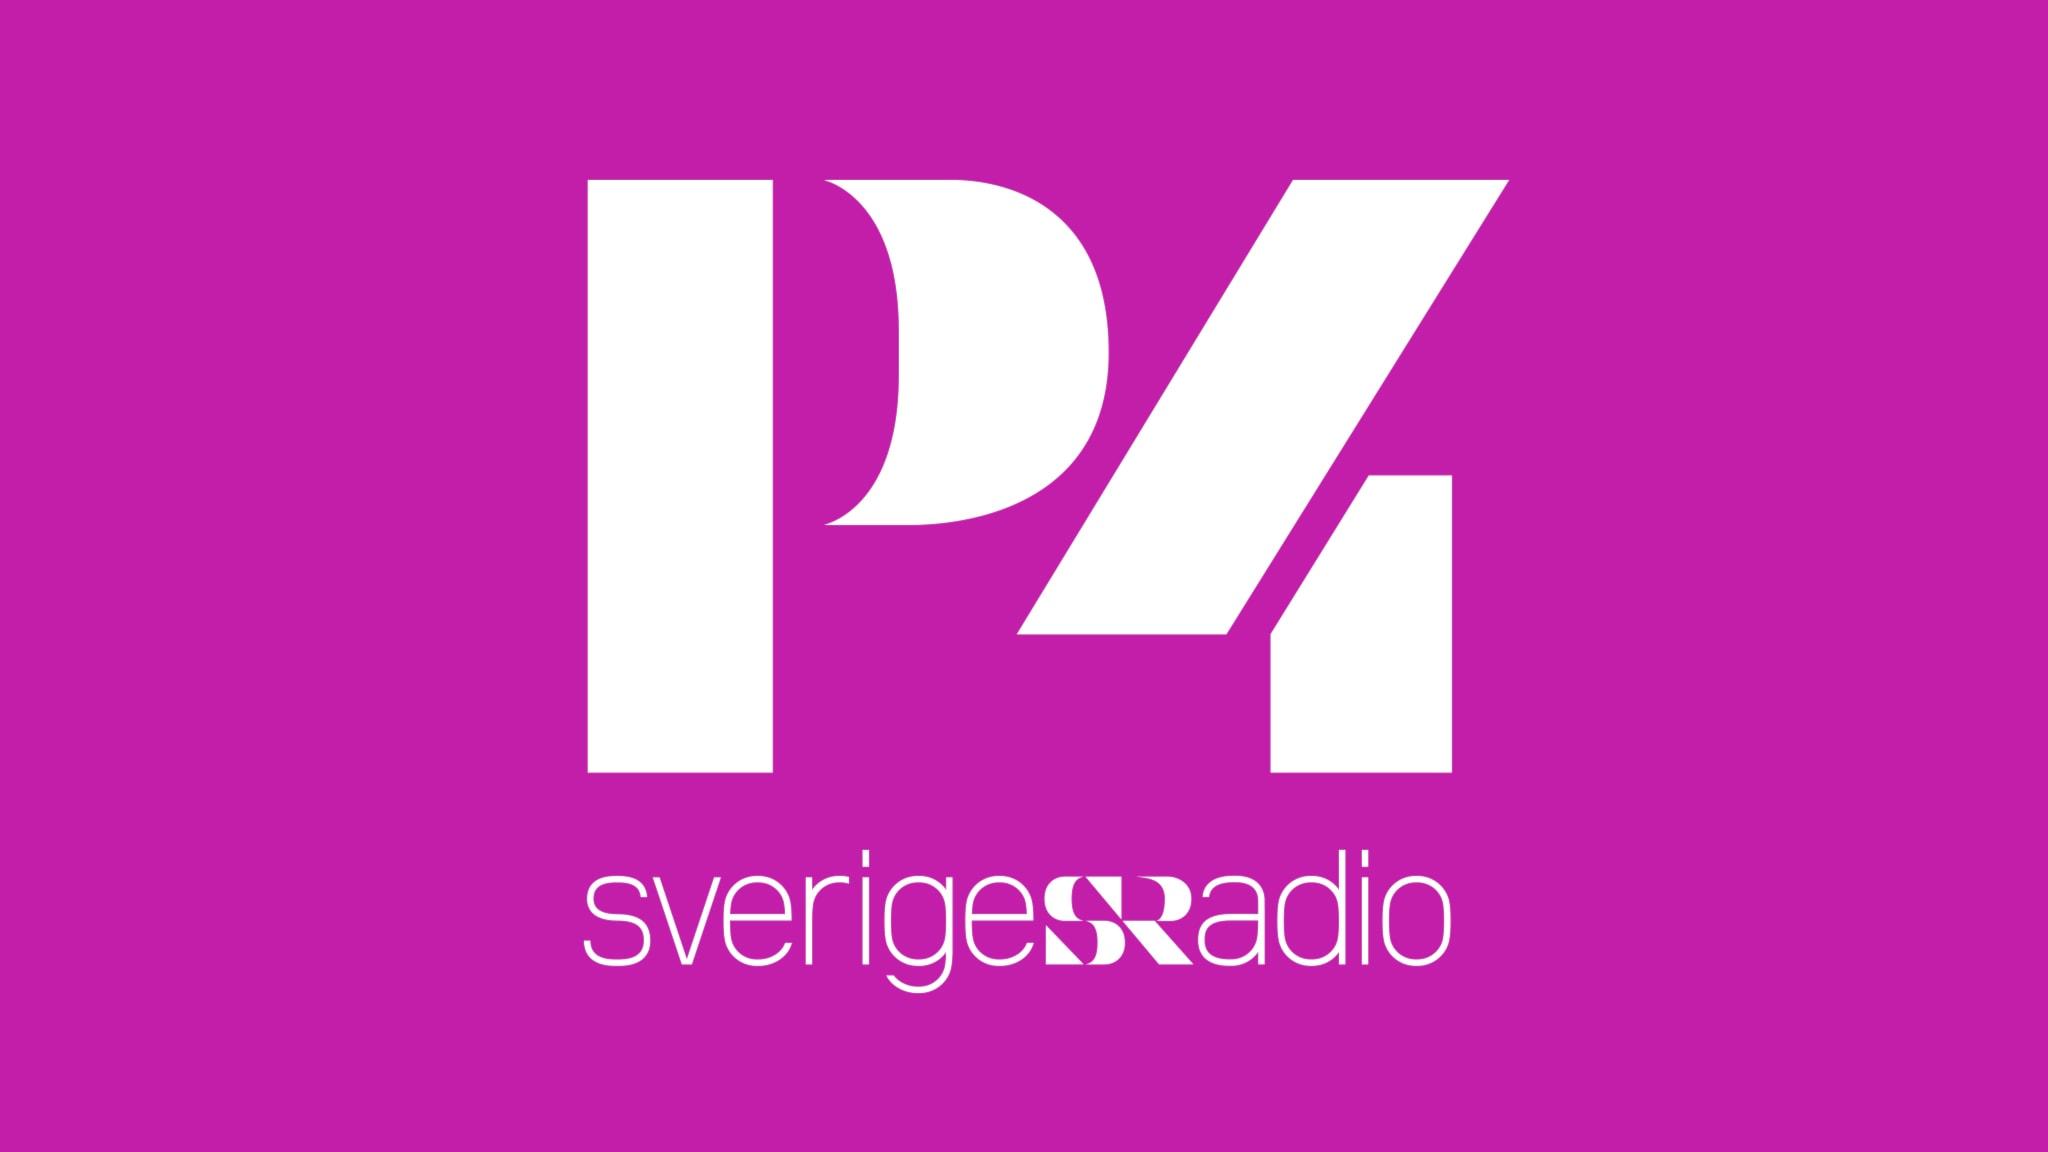 Trafik P4 Göteborg 20180706 09.41 (00.33)